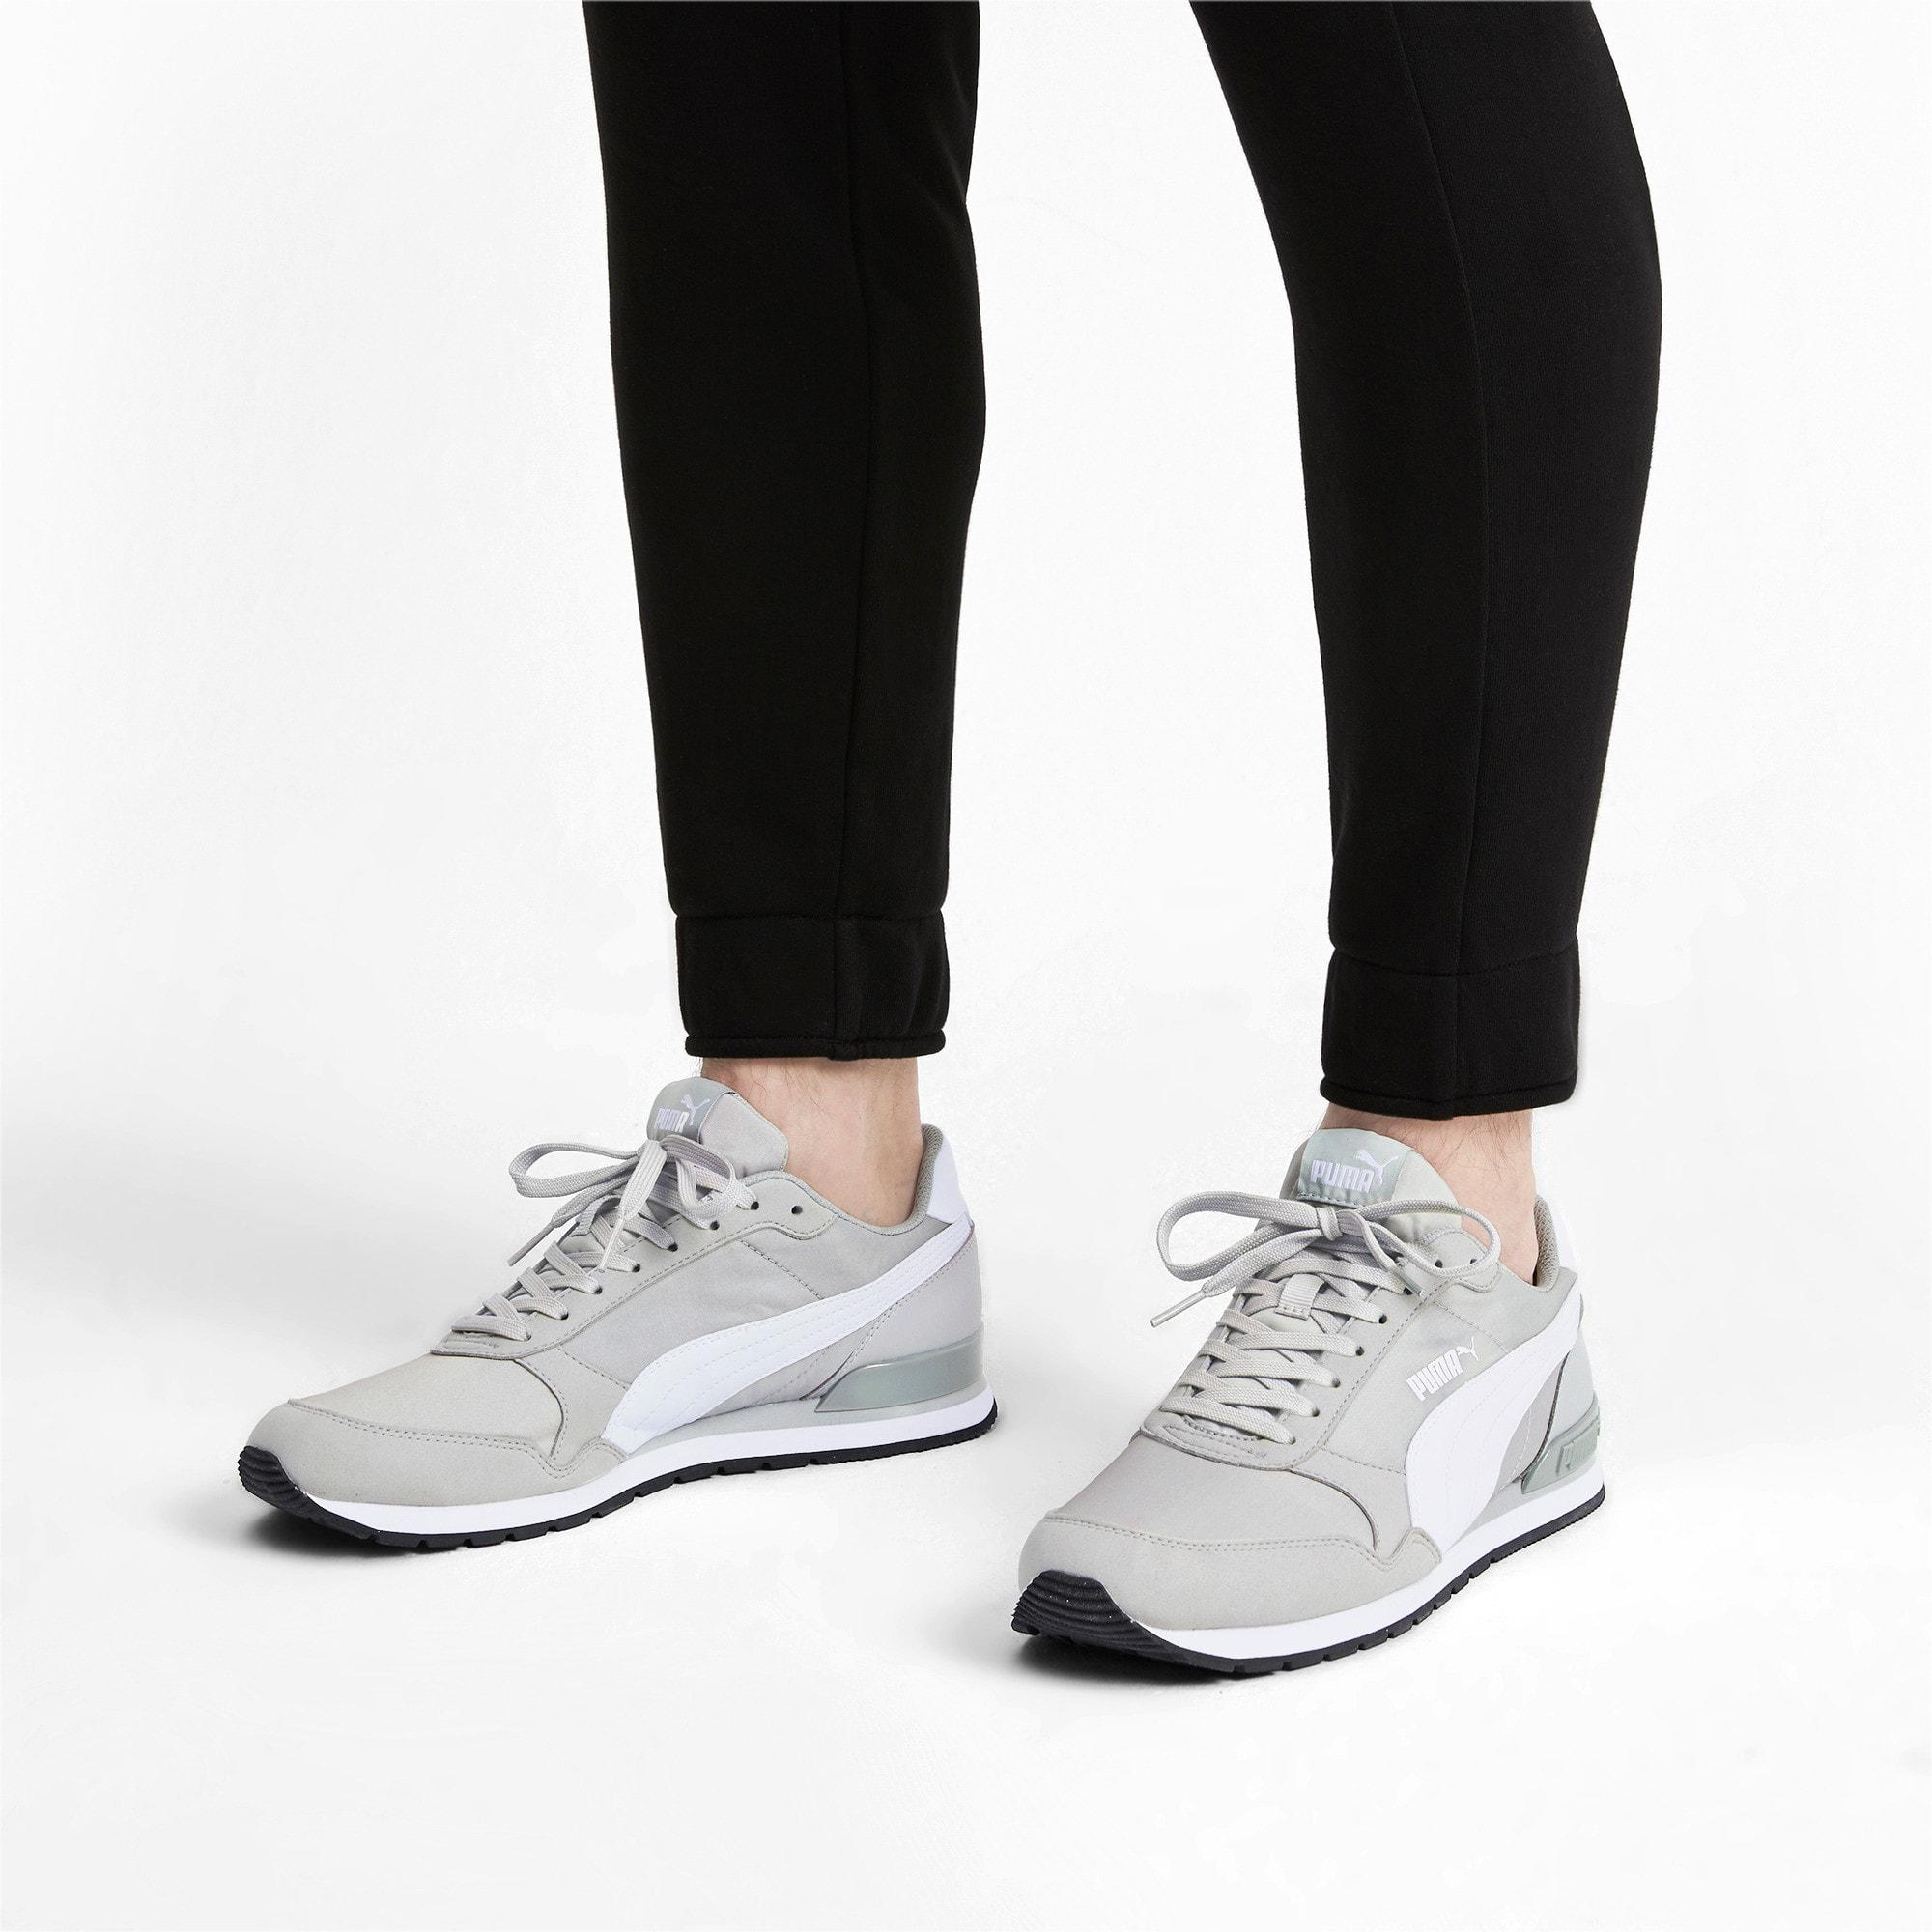 Thumbnail 3 of ST Runner v2 Sneakers, High Rise-Puma White, medium